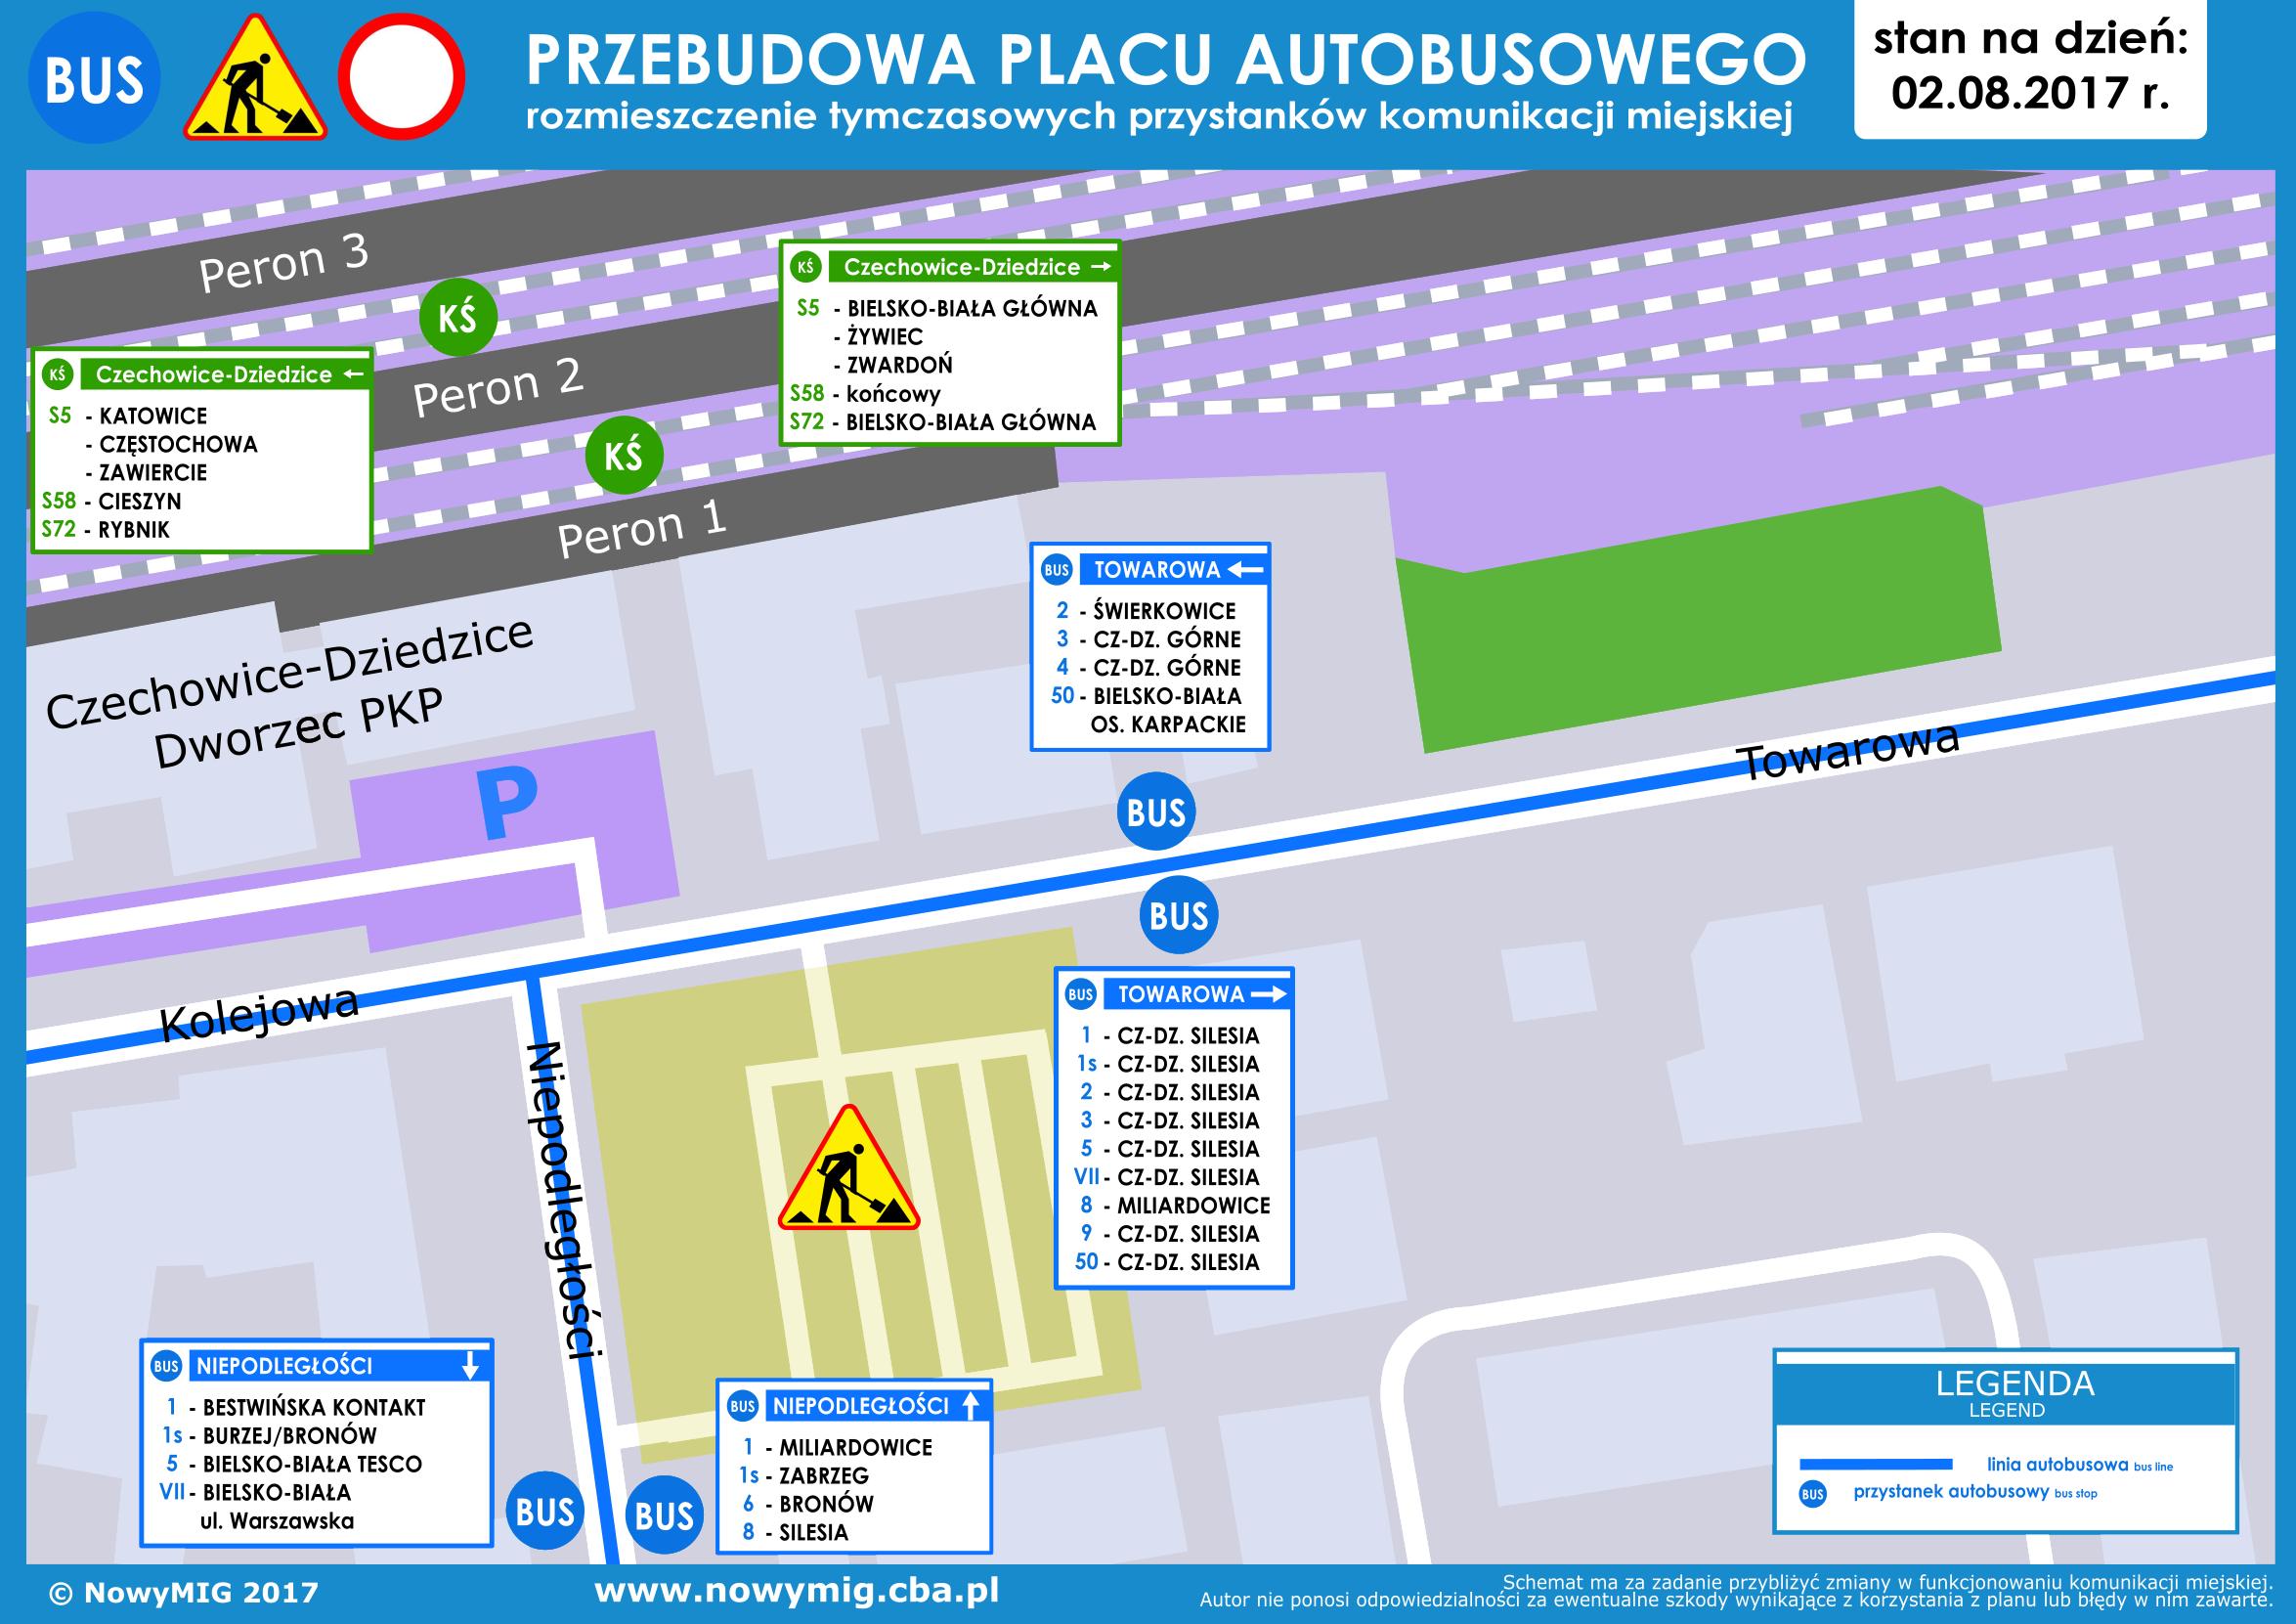 Czechowice-Dziedzice Dworzec